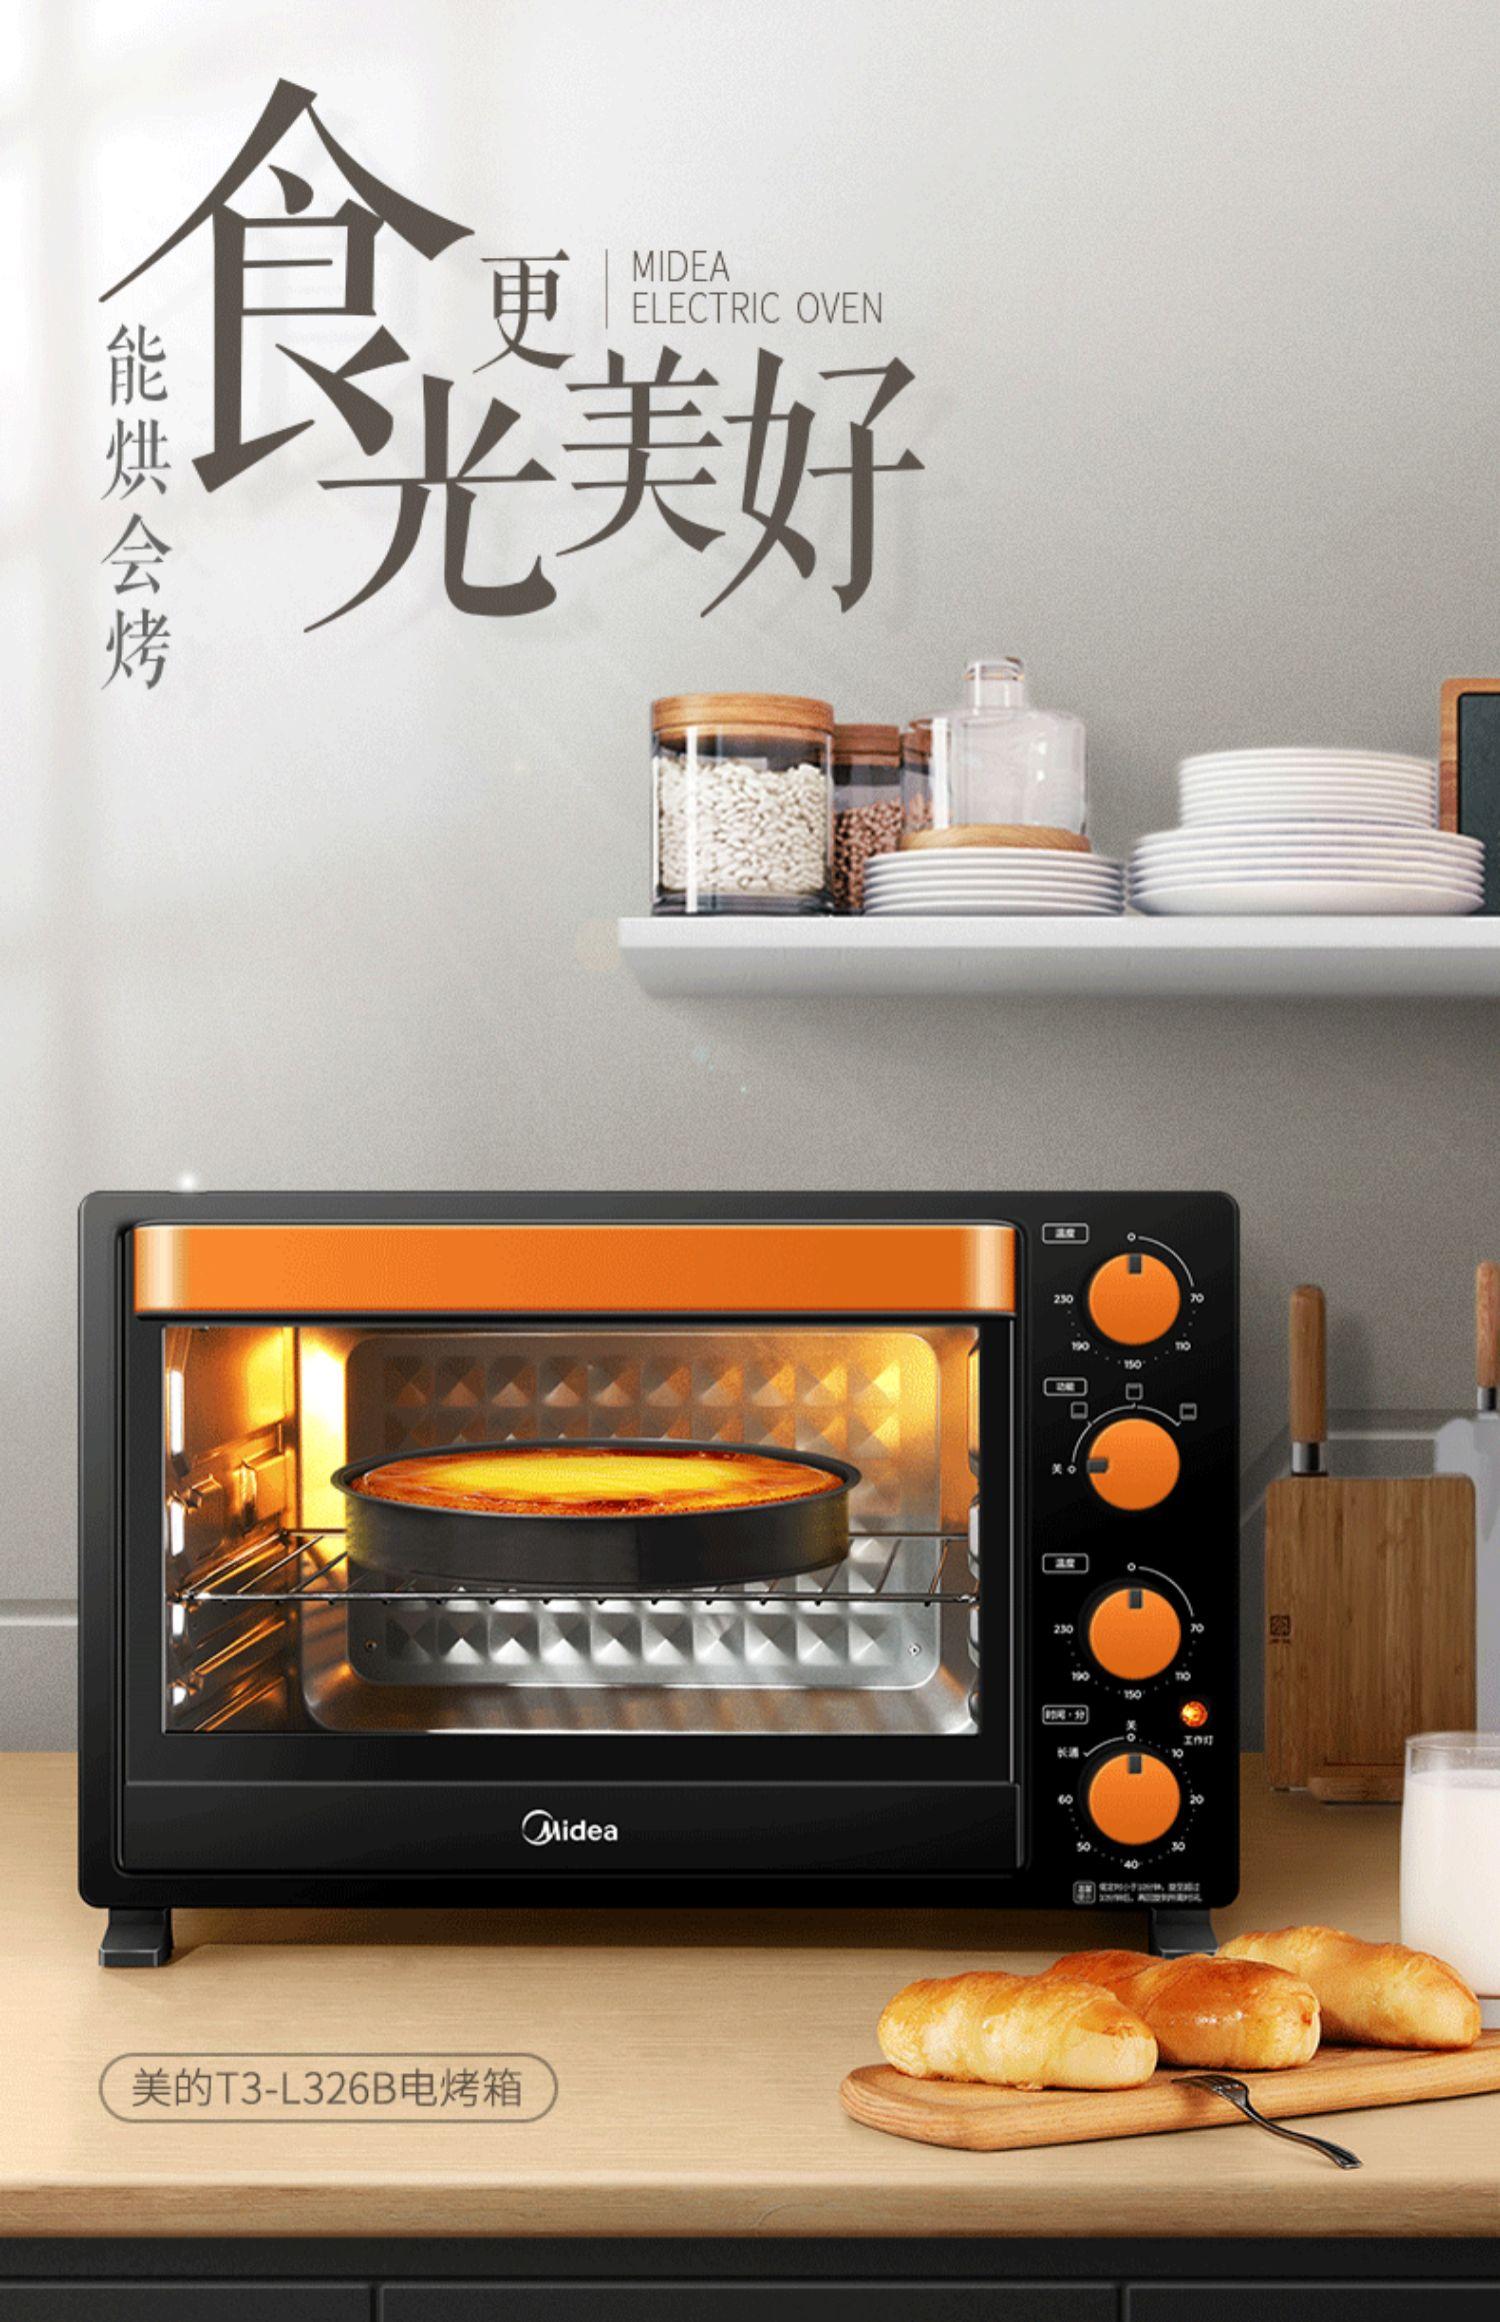 美的 T3-L326B 电烤箱 32升 双重优惠折后¥179包邮史低